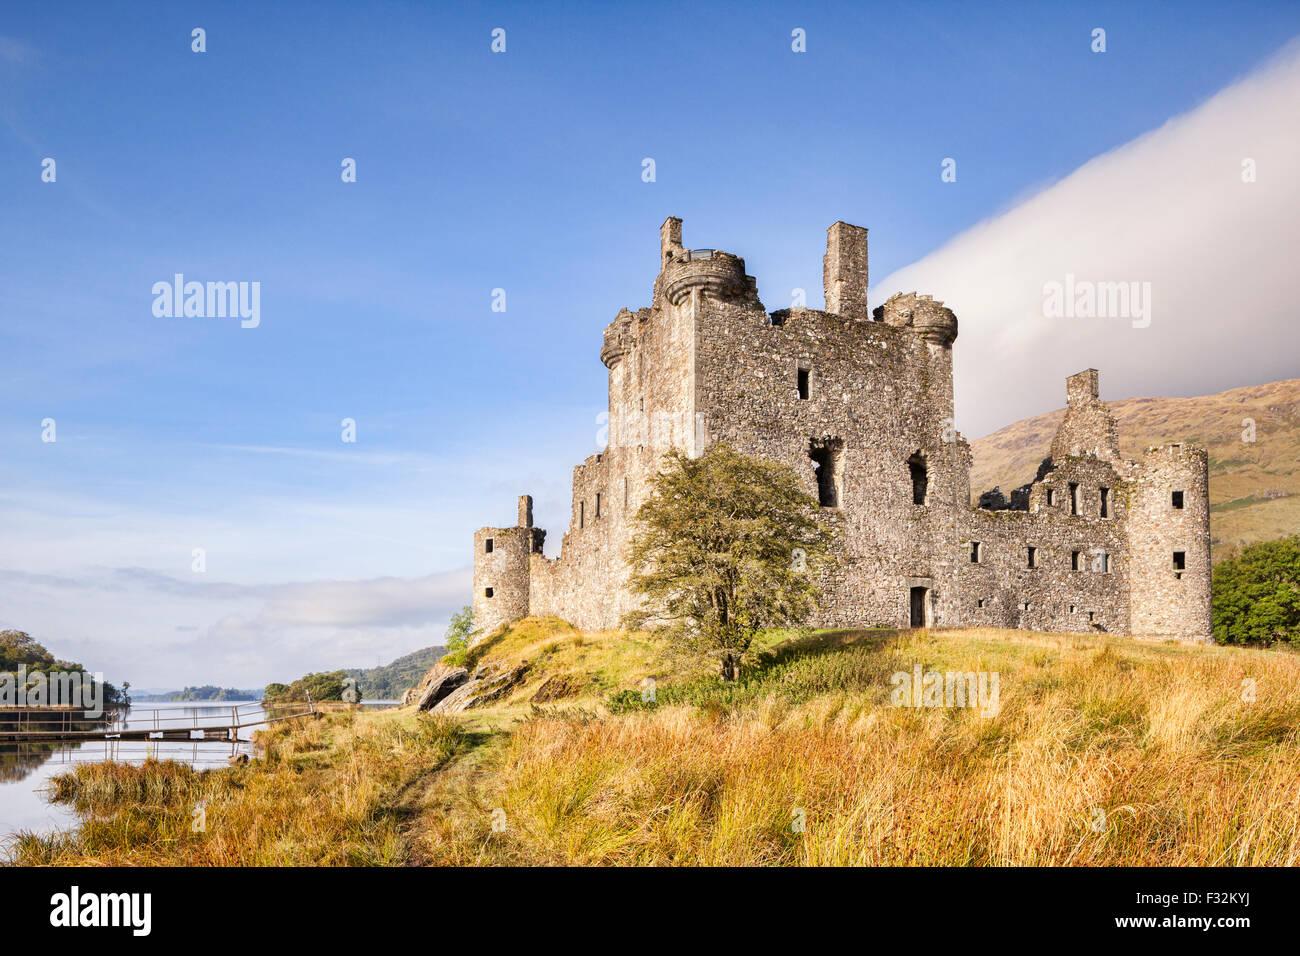 Kilchurn Castle e Loch Awe, Argyll and Bute, Scotland, Regno Unito. Immagini Stock